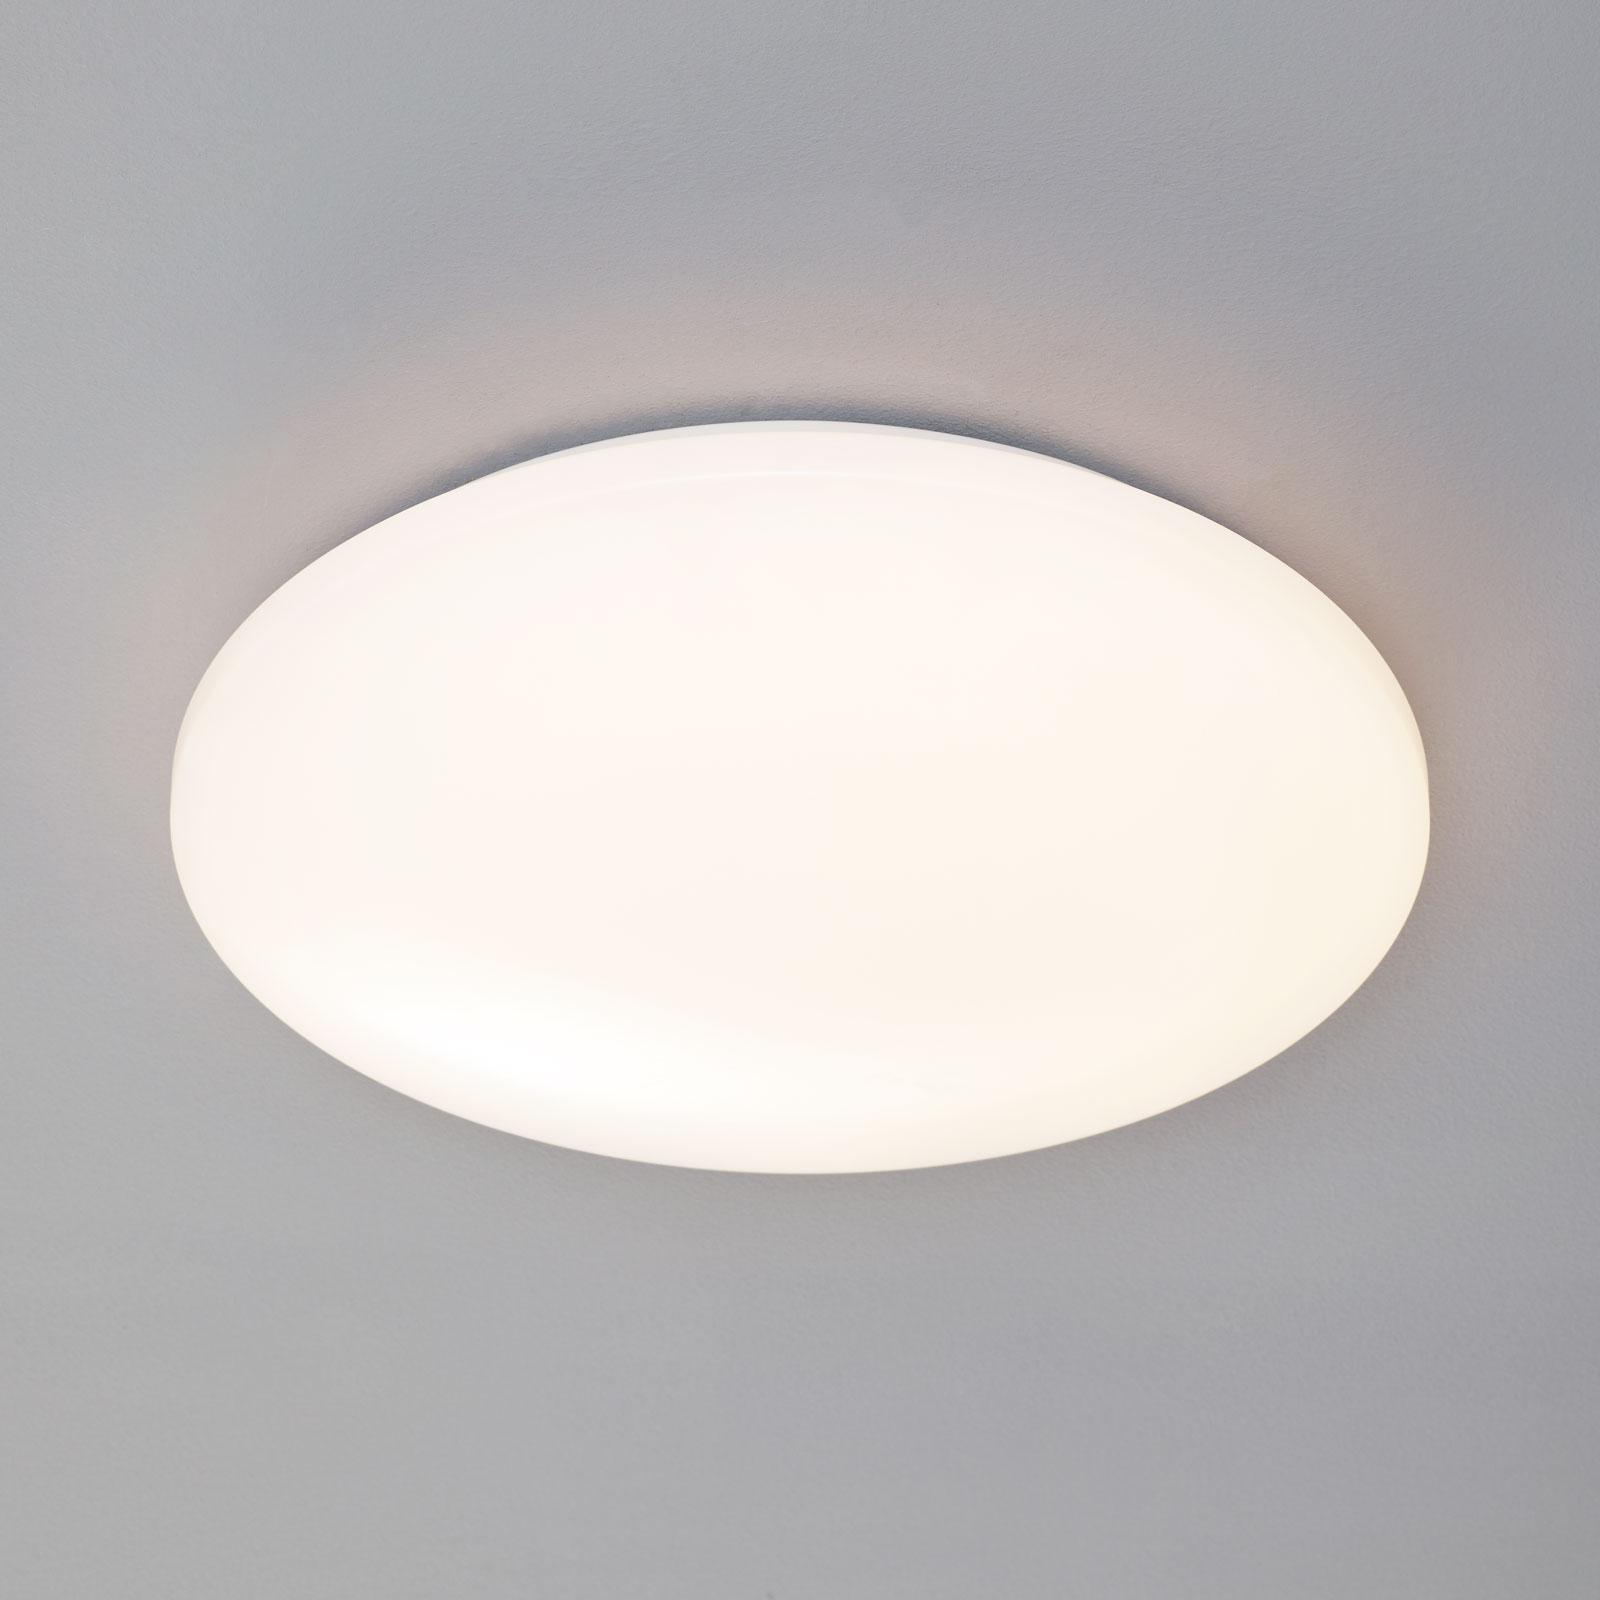 LED-kattovalaisin Pollux, liiketunnistin, Ø 40 cm